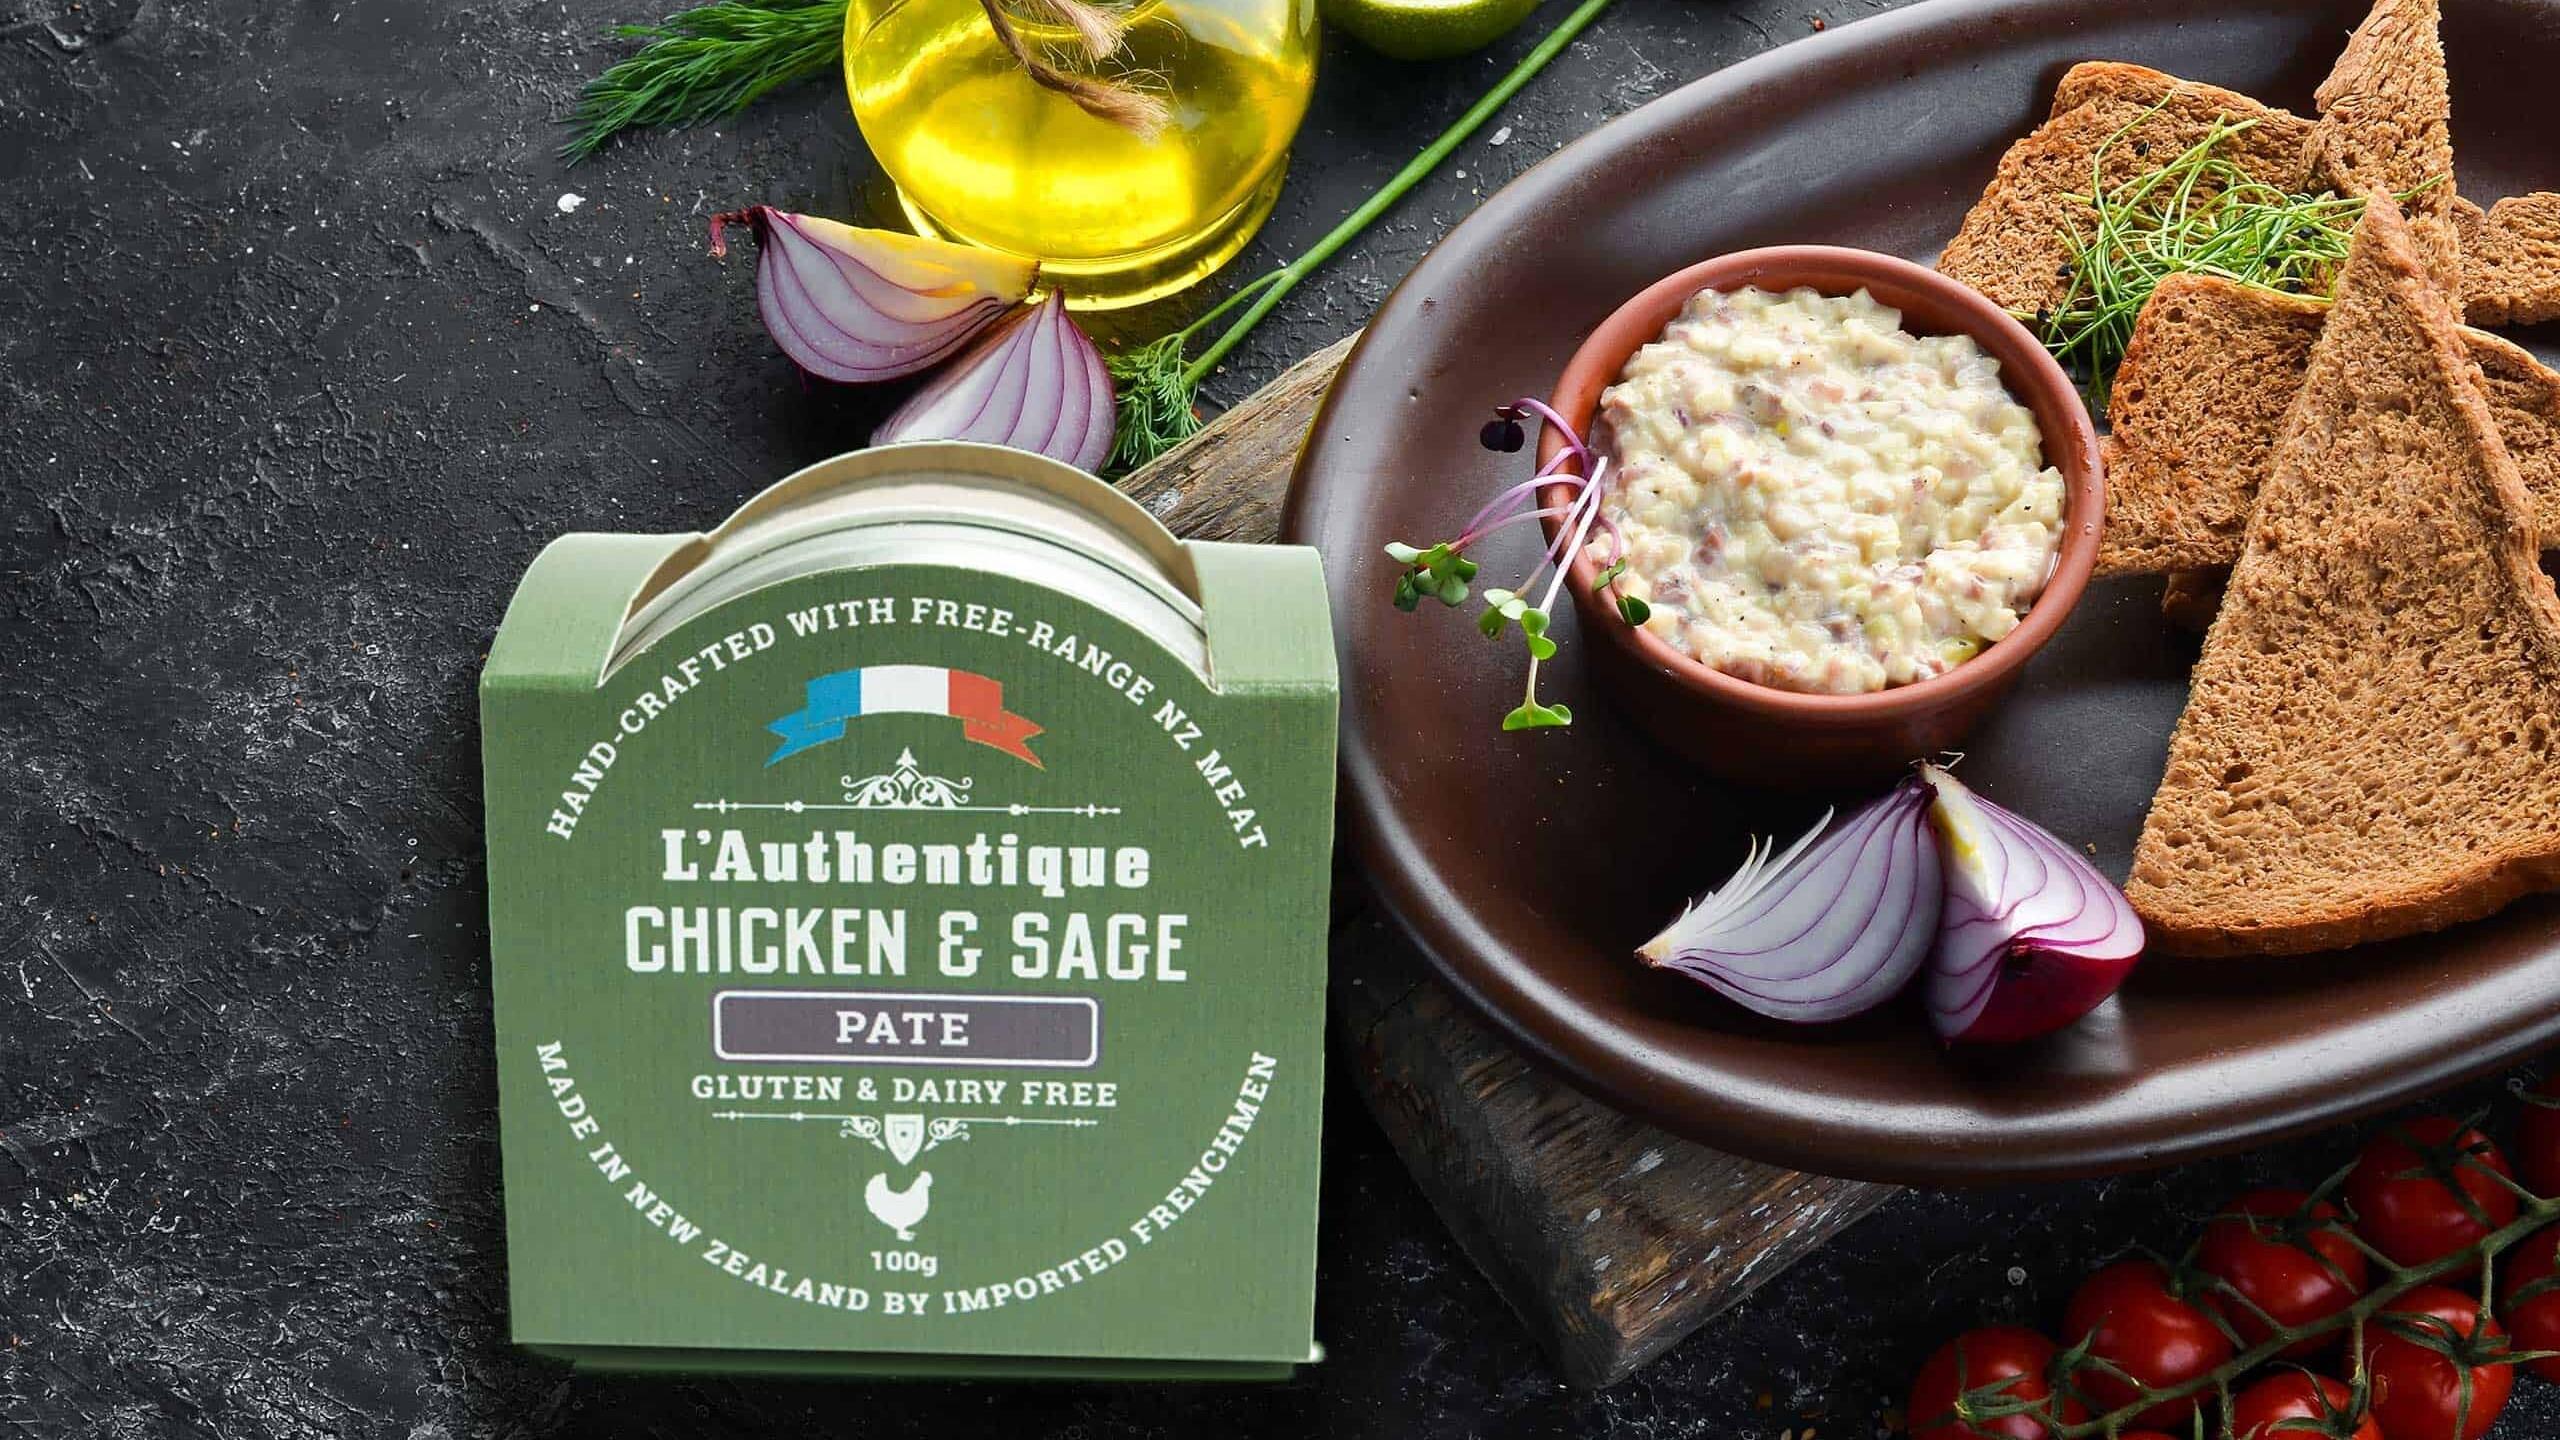 L'Authentique Chicken & Sage Pate